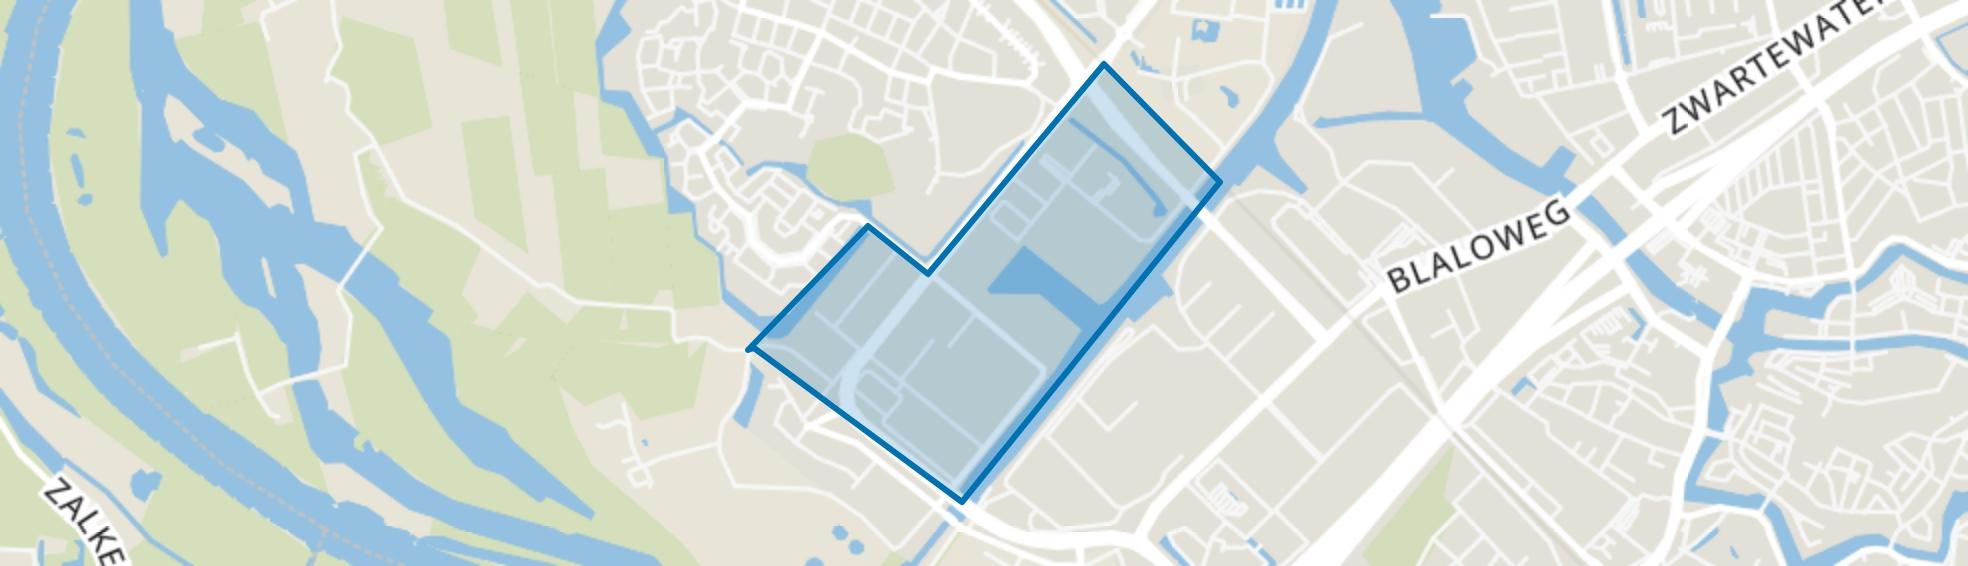 Bedrijventerrein Voorst-C, Zwolle map